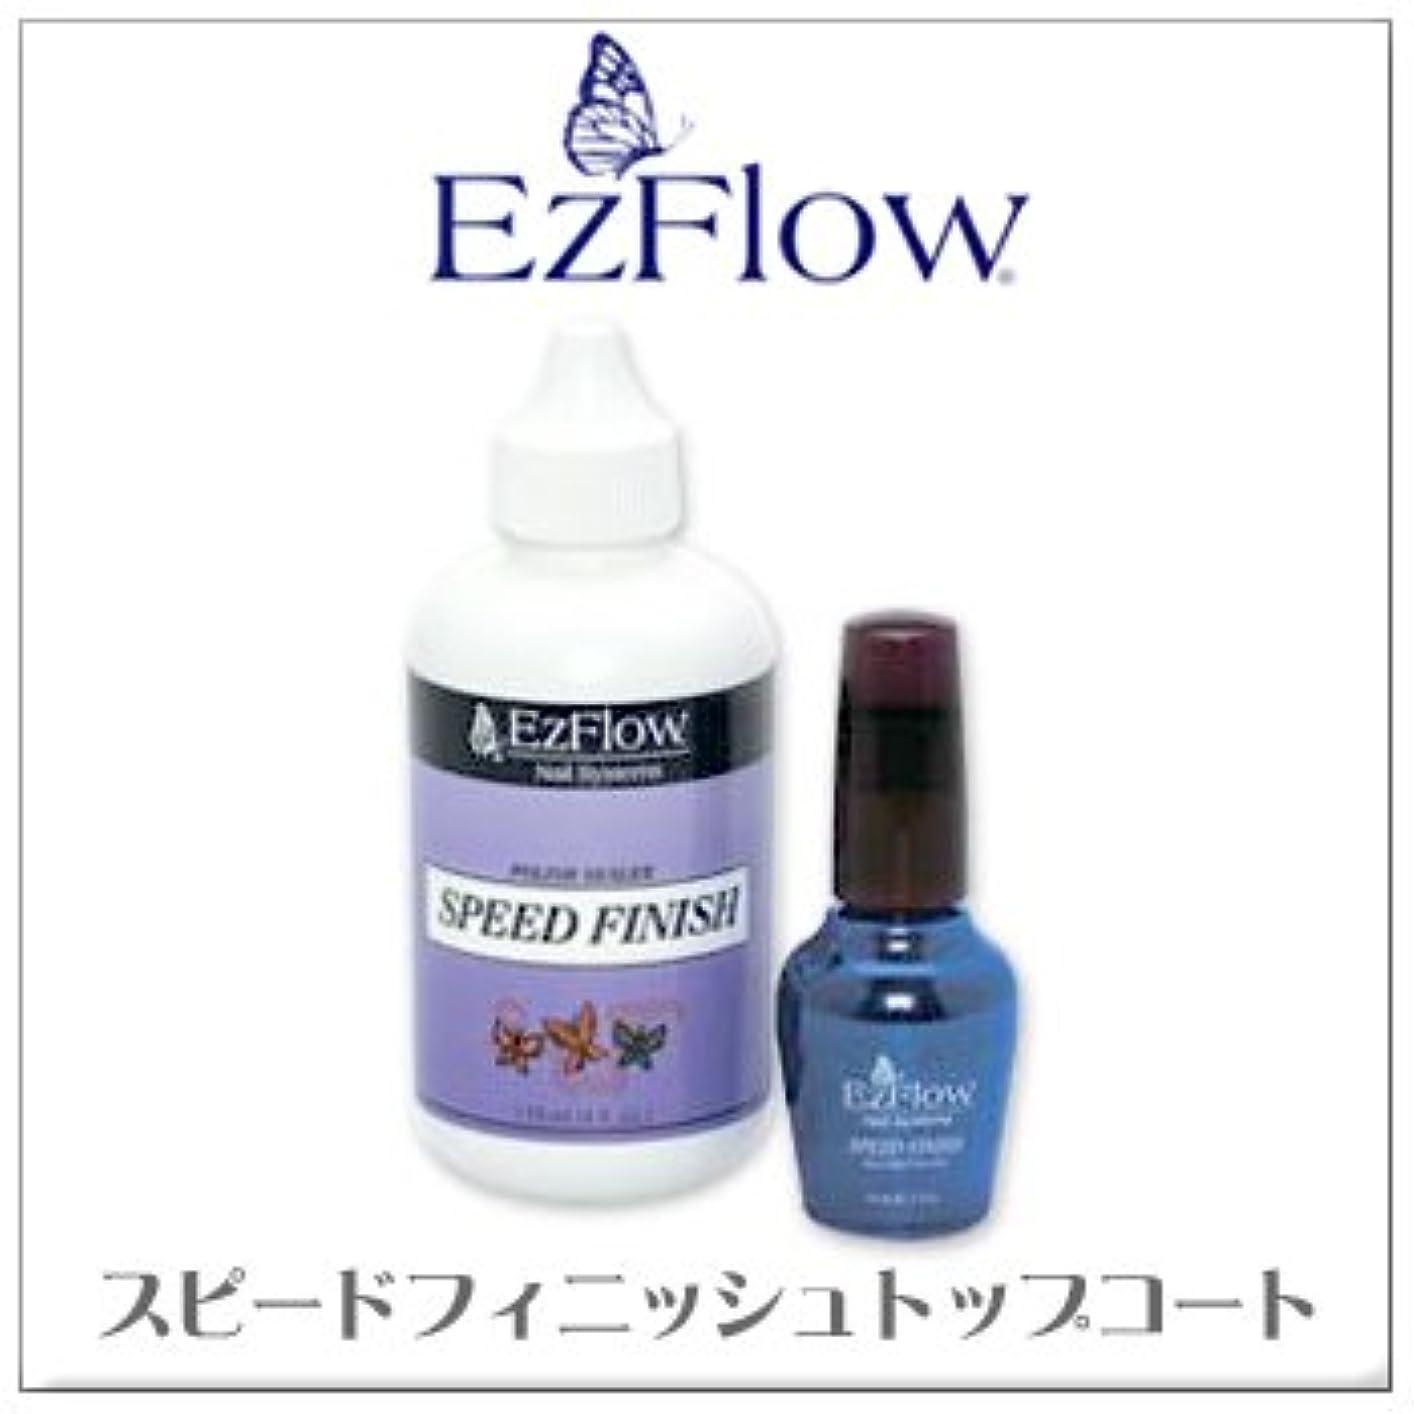 後方に熟練した結果としてEz-Flow (イージーフロー) スピードフィニッシュトップコート (1/2oz)